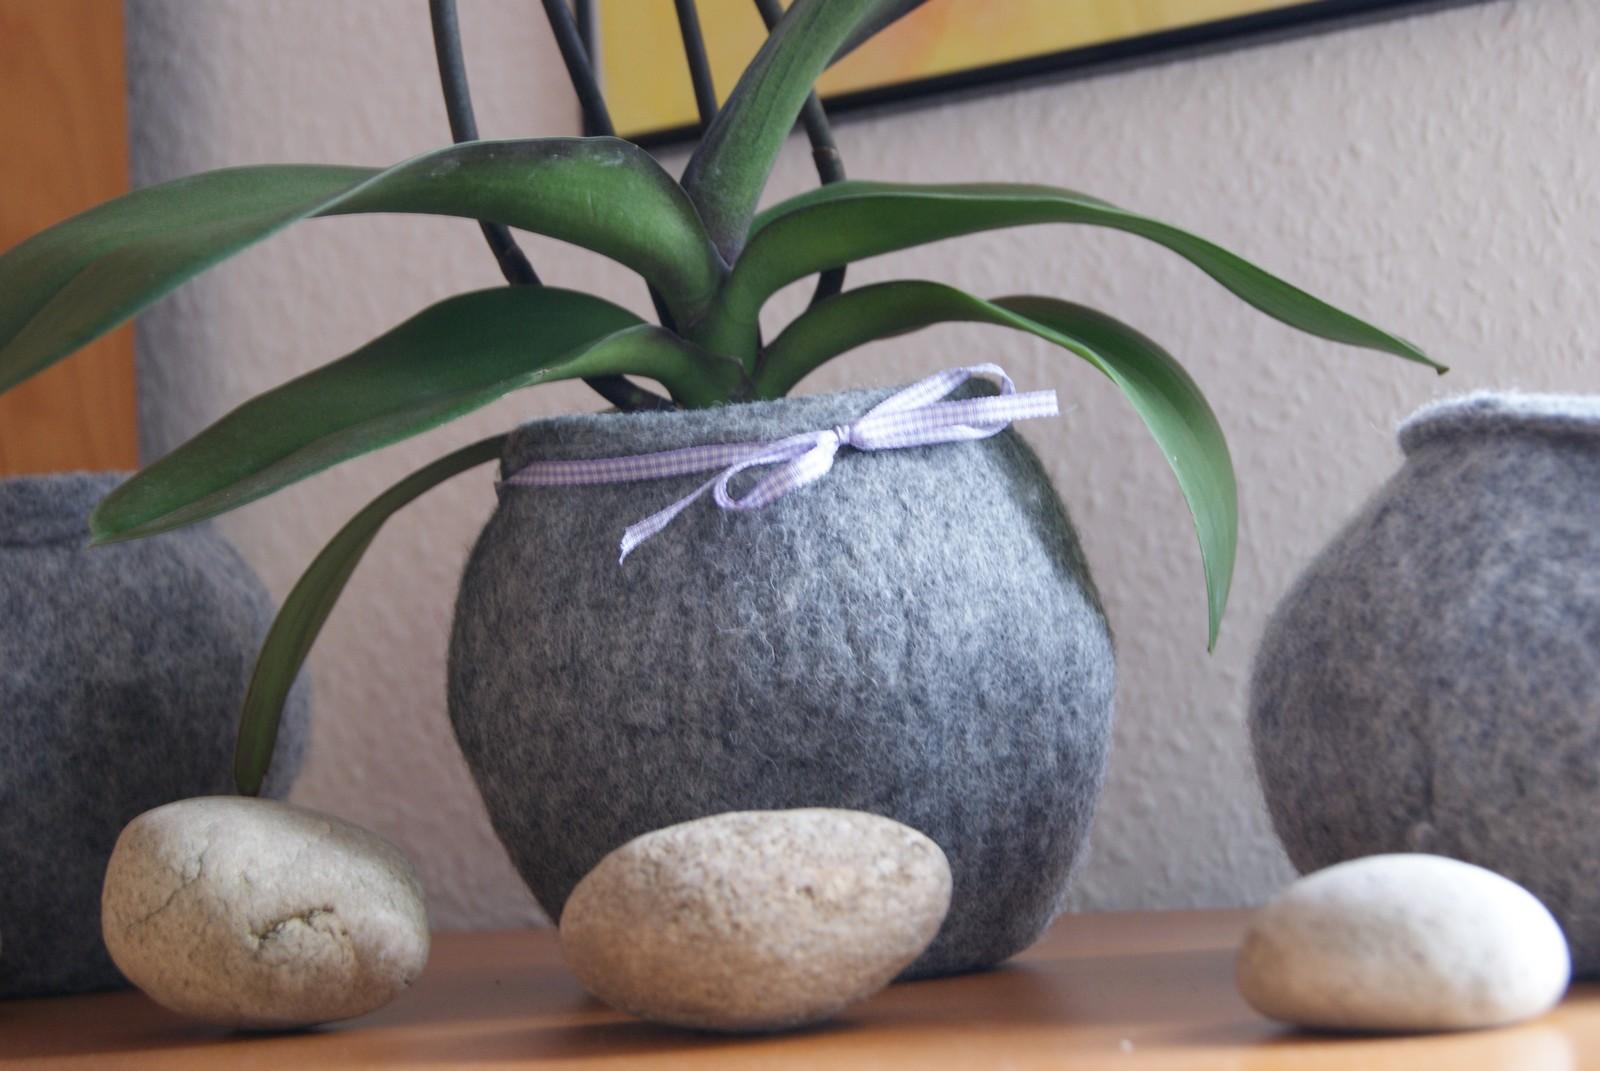 Filz und garten gartenblog filzblumentopf im landhausstil for Blumentopf landhausstil